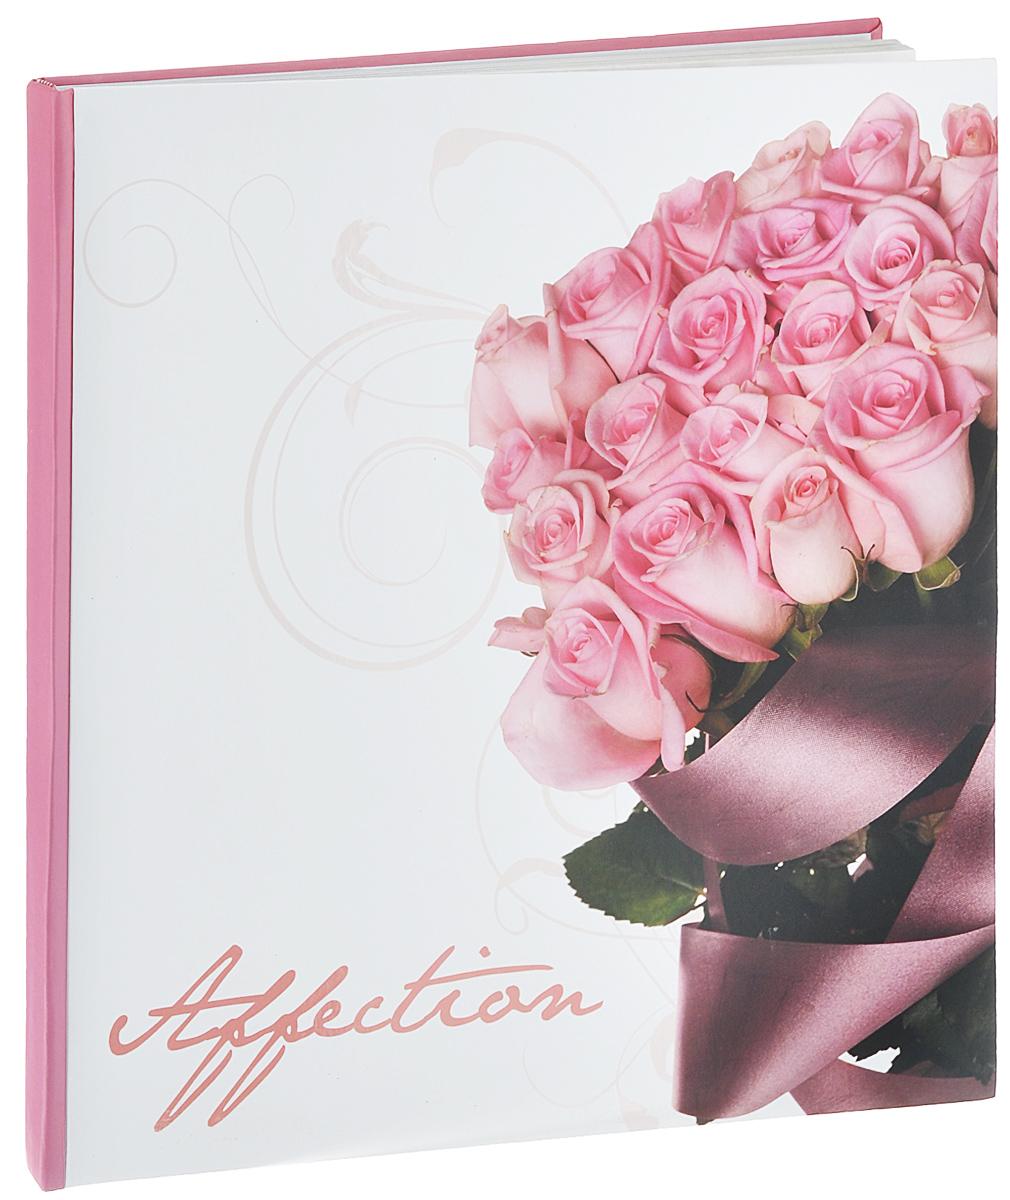 Фотоальбом Pioneer Romantic Flower, 10 магнитных листов, 29 см х 32 см27505 LM-SA10BBФотоальбом Pioneer Romantic Flower, изготовленный из картона с клеевым покрытием и пленки ПВХ, сохранит моменты ваших счастливых мгновений на своих страницах! Альбом с магнитными листами удобен тем, что он позволяет размещать фотографии разных размеров. Магнитные страницы обладают следующими преимуществами: - Не нужно прикладывать усилий для закрепления фотографий, - Не нужно заботиться о размерах фотографий, так как вы можете вставить в альбом фотографии разных размеров, - Защита фотографий от постоянных прикосновений зрителей с помощью пленки ПВХ.Нам всегда так приятно вспоминать о самых счастливых моментах жизни, запечатленных на фотографиях. Поэтому фотоальбом является универсальным подарком к любому празднику. Вашим родным, близким и просто знакомым будет приятно помещать фотографии в этот альбом.Количество листов: 10 шт.Размер листа: 29 см х 32 см.